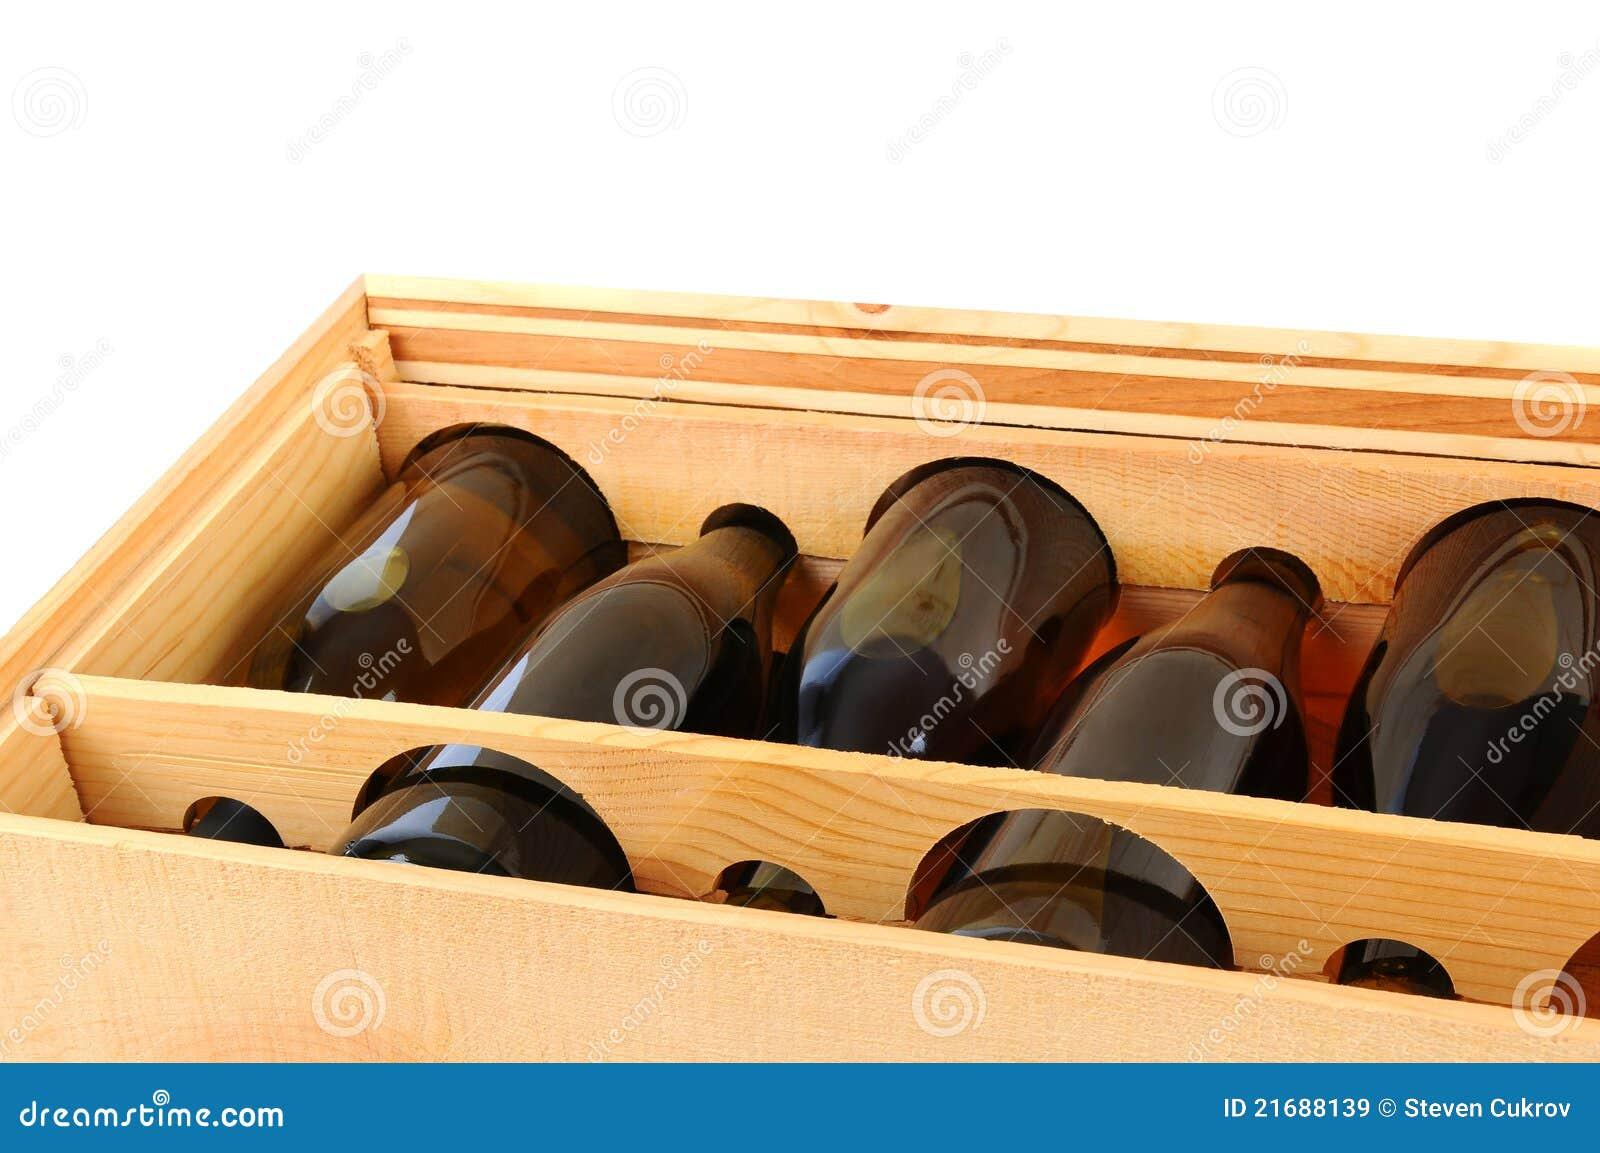 caisse de bouteilles de vin de chardonnay images libres de droits image 21688139. Black Bedroom Furniture Sets. Home Design Ideas